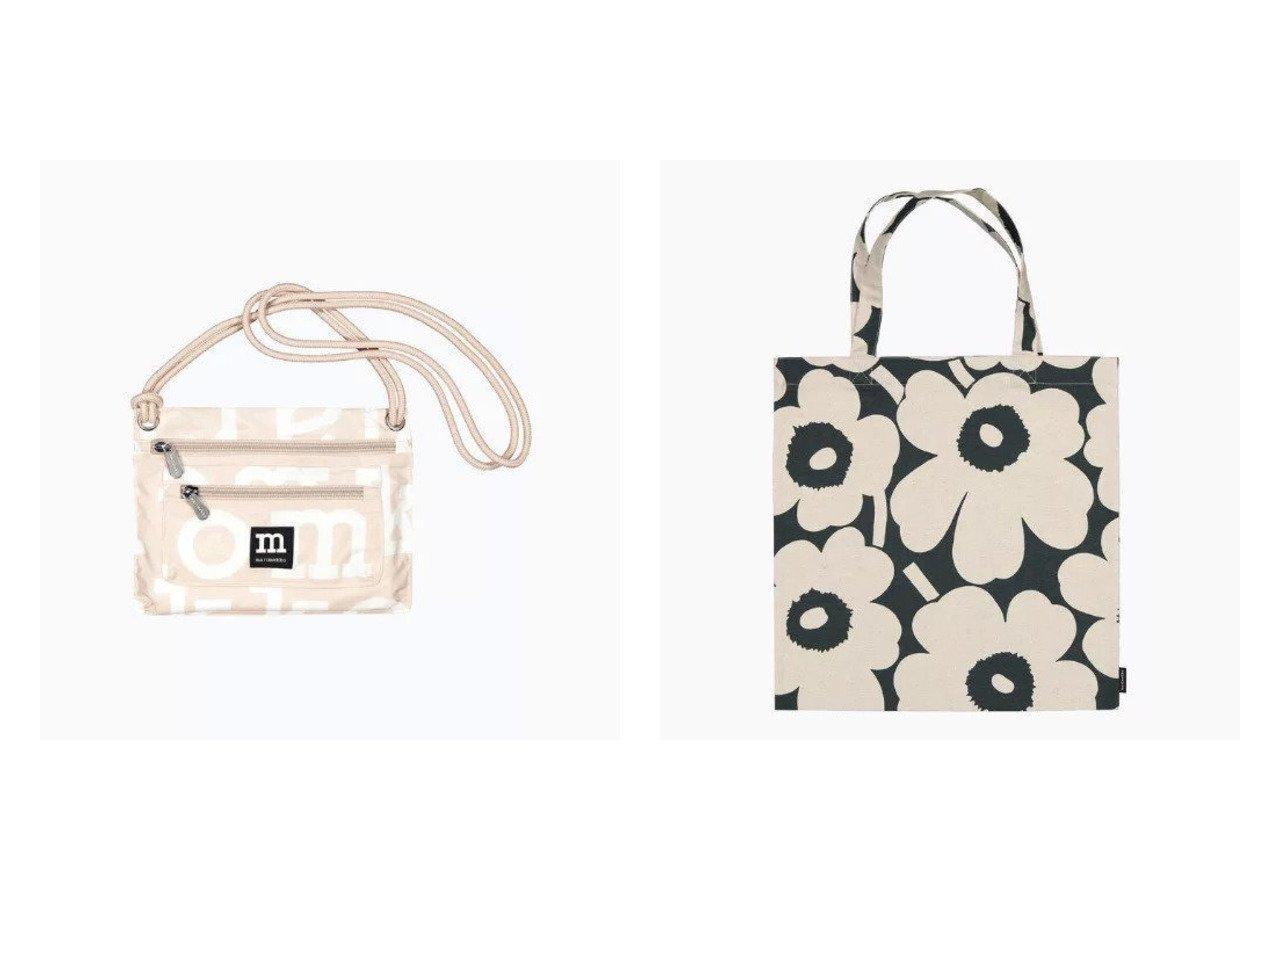 【marimekko/マリメッコ】のPieni Unikko ファブリックバッグ 44X43cm&Unikko Smart トラベルバッグ マリメッコのおすすめ!人気、トレンド・レディースファッションの通販 おすすめで人気の流行・トレンド、ファッションの通販商品 メンズファッション・キッズファッション・インテリア・家具・レディースファッション・服の通販 founy(ファニー) https://founy.com/ ファッション Fashion レディースファッション WOMEN バッグ Bag フラット プリント コンパクト トラベル フォルム フロント ワンポイント |ID:crp329100000021891